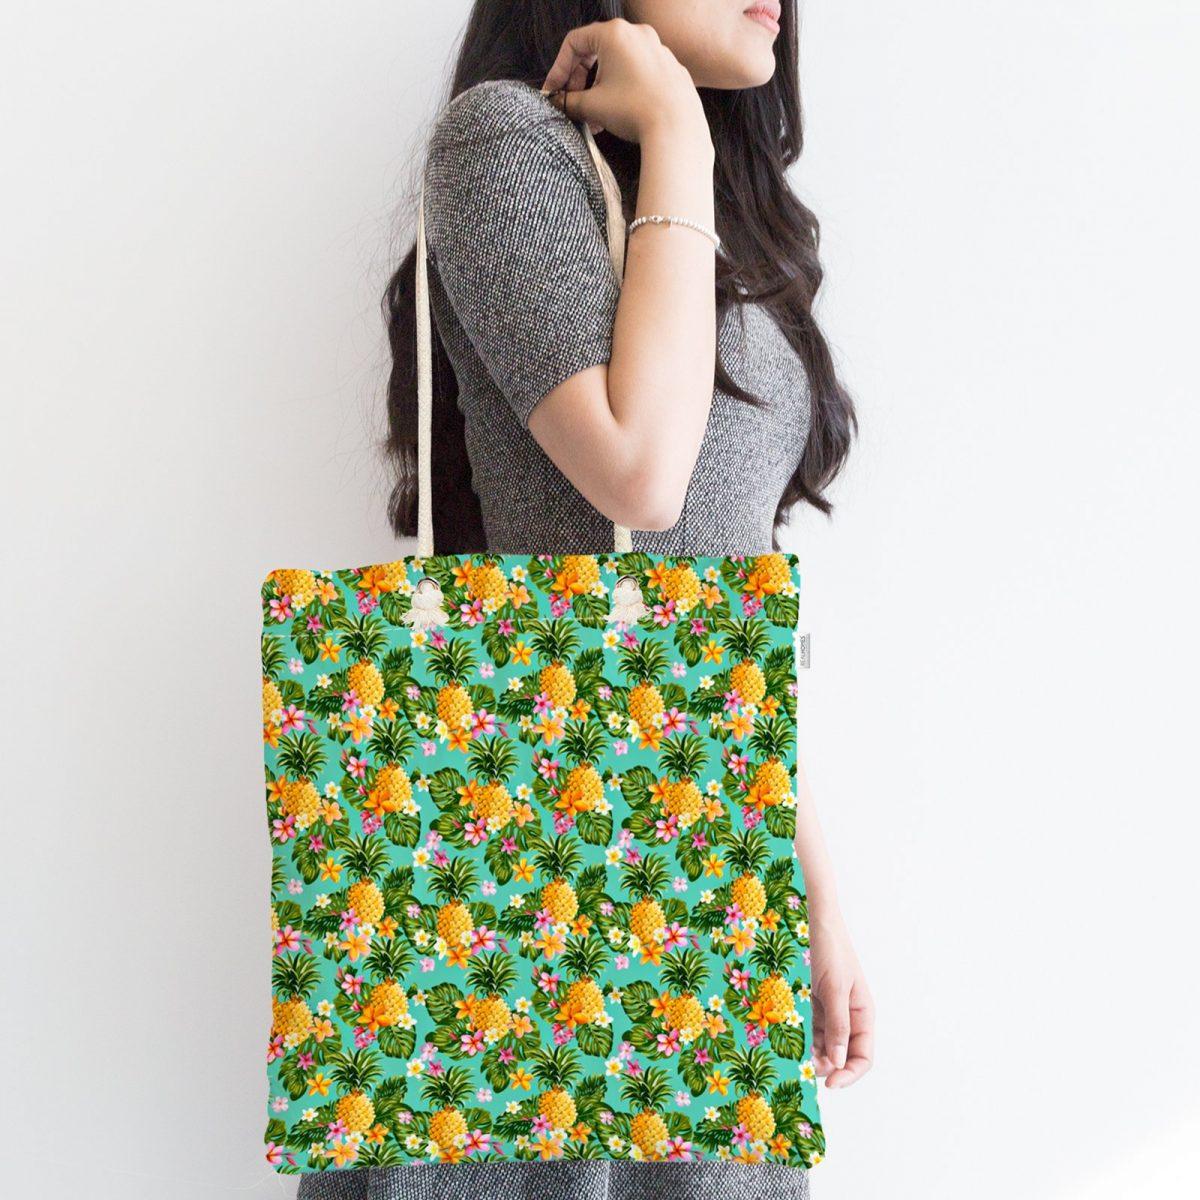 Turkuaz Zeminde Ananas Desenli Dijital Baskılı Fermuarlı Kumaş Çanta Realhomes